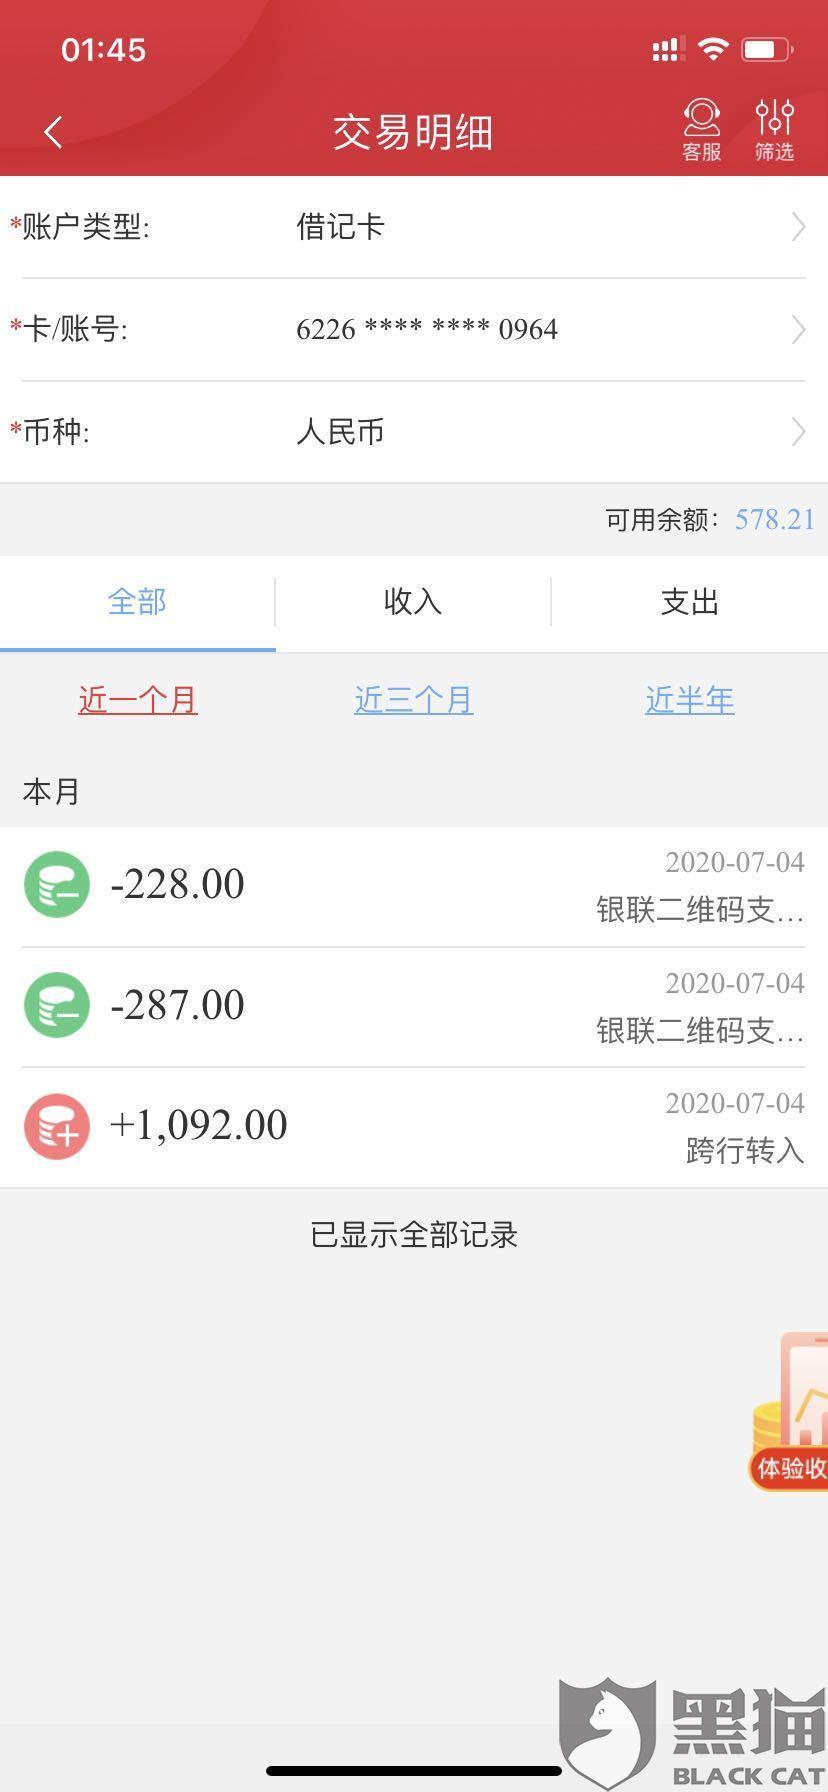 黑猫投诉:易贷宝,实际到账577元,5天还款2115.75